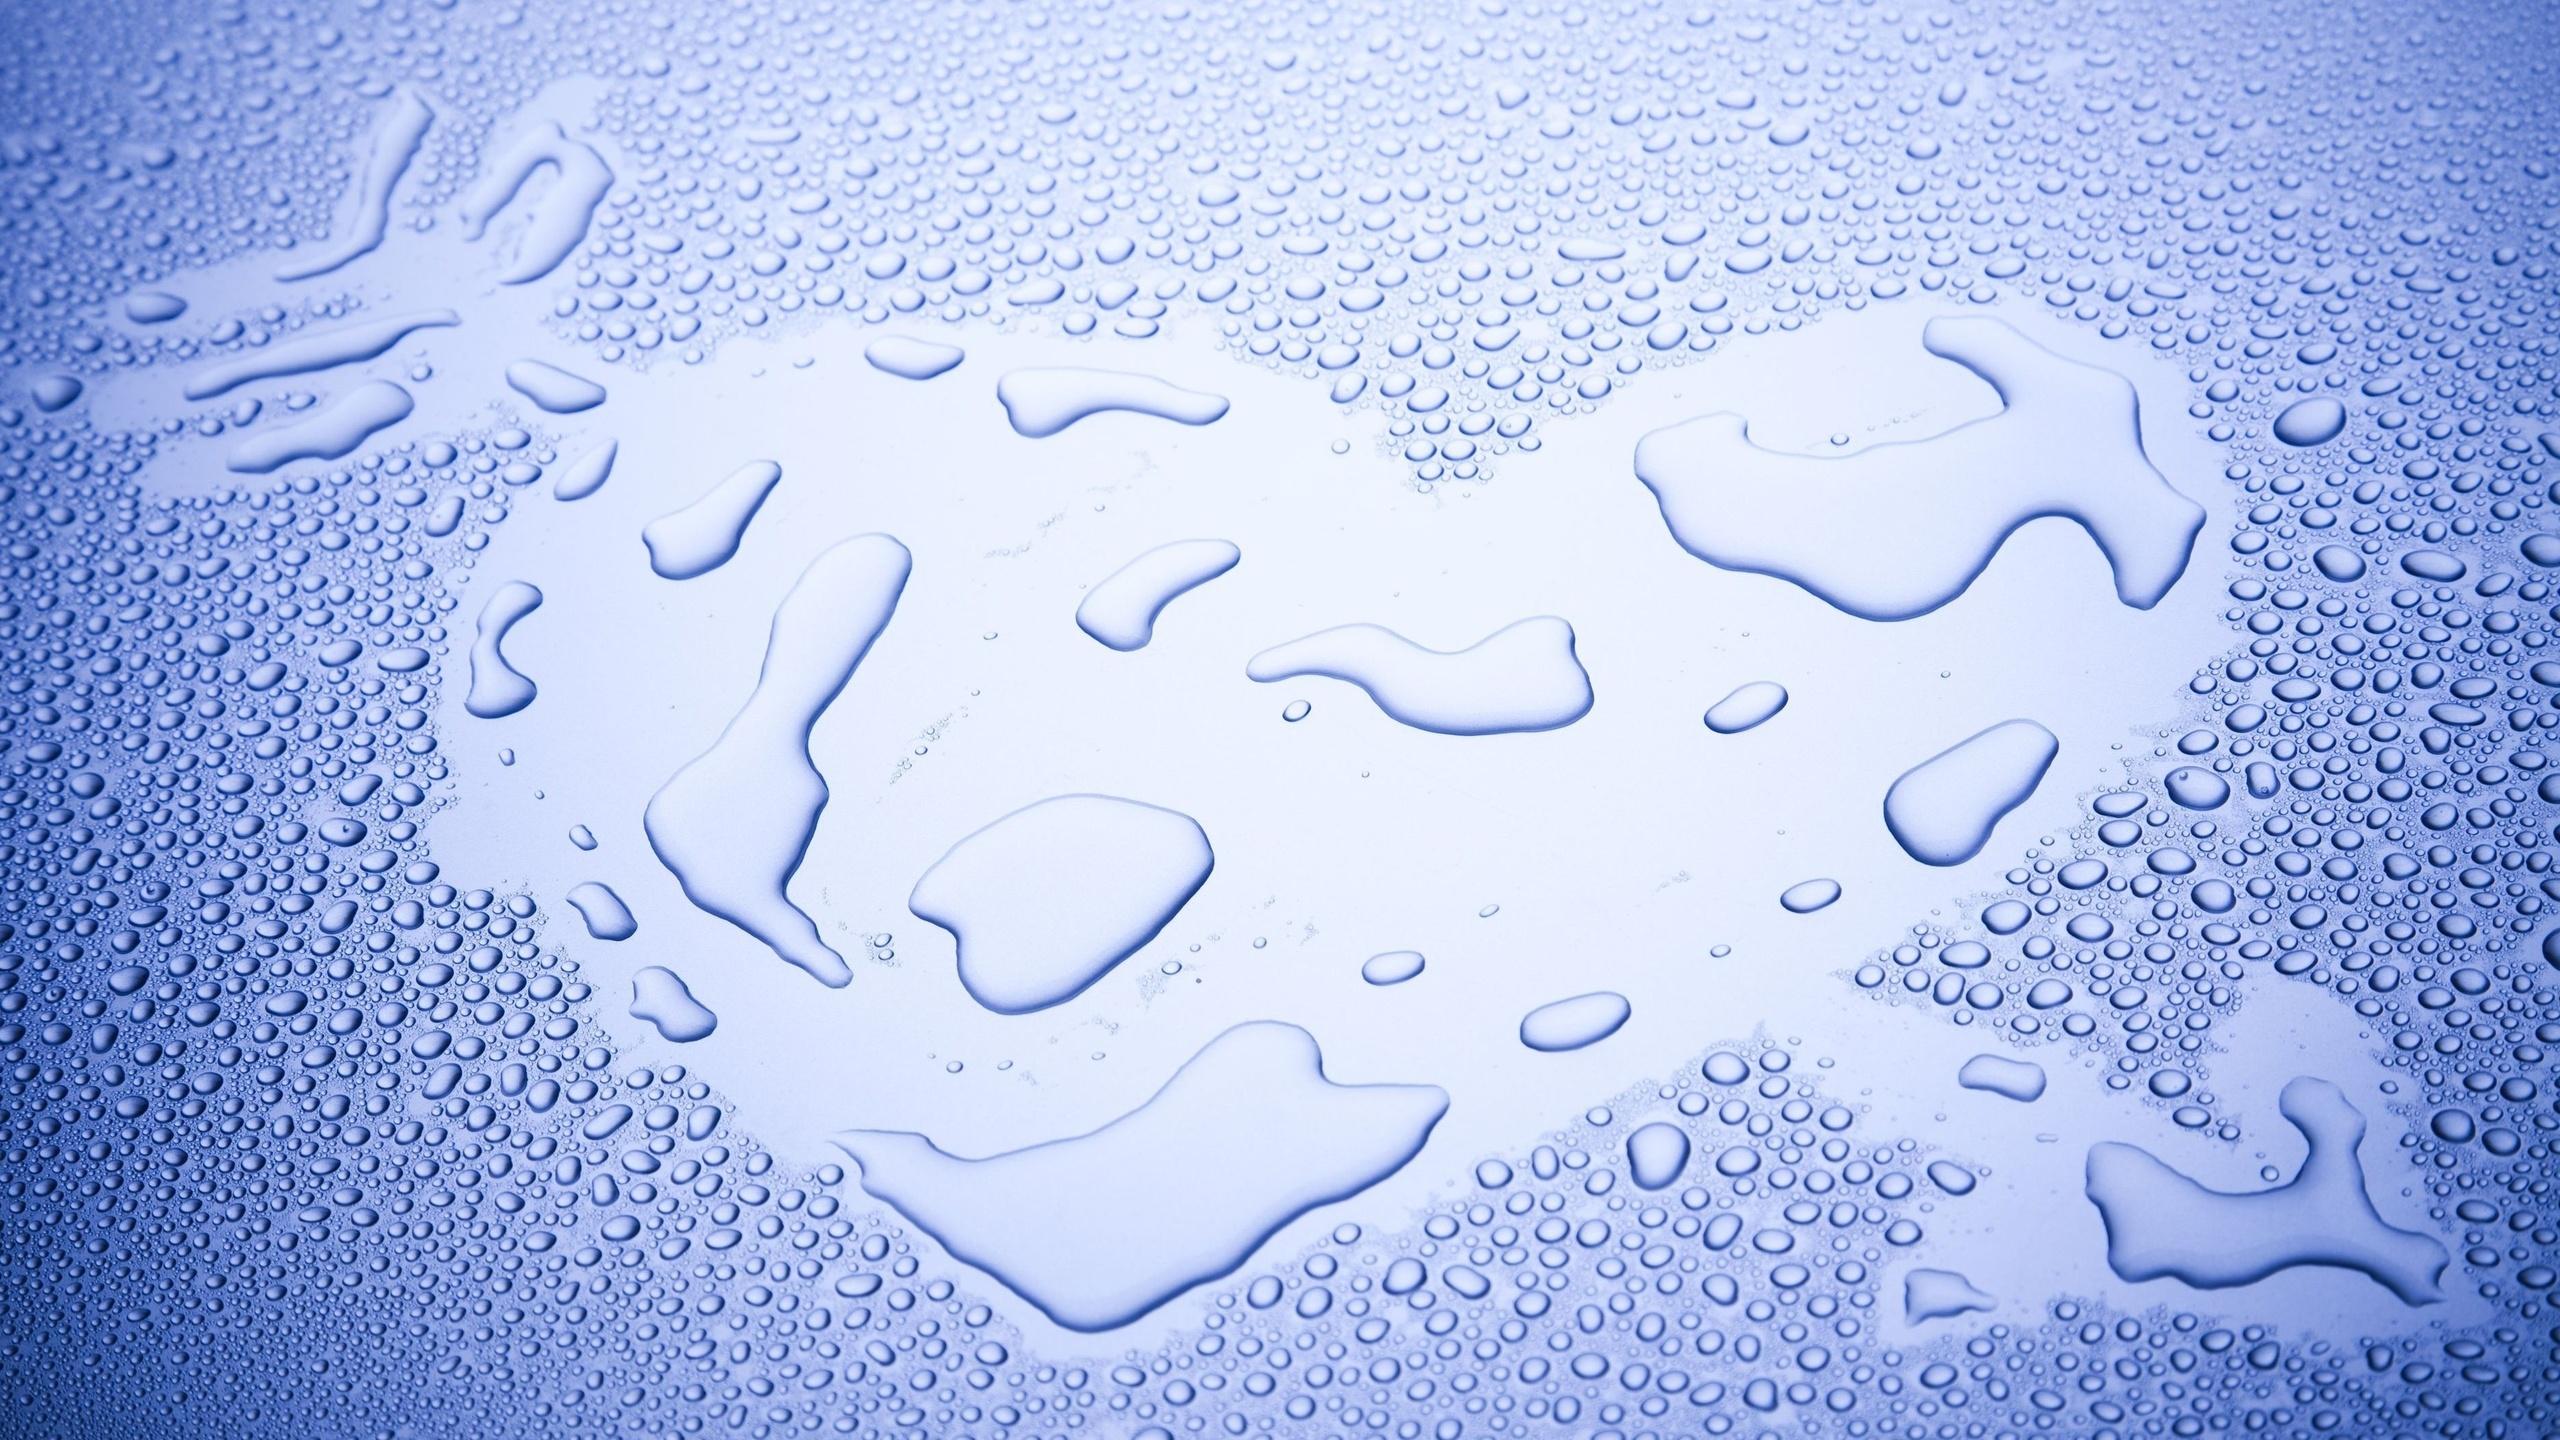 сердце, любовь, вода, капли, макро, фото